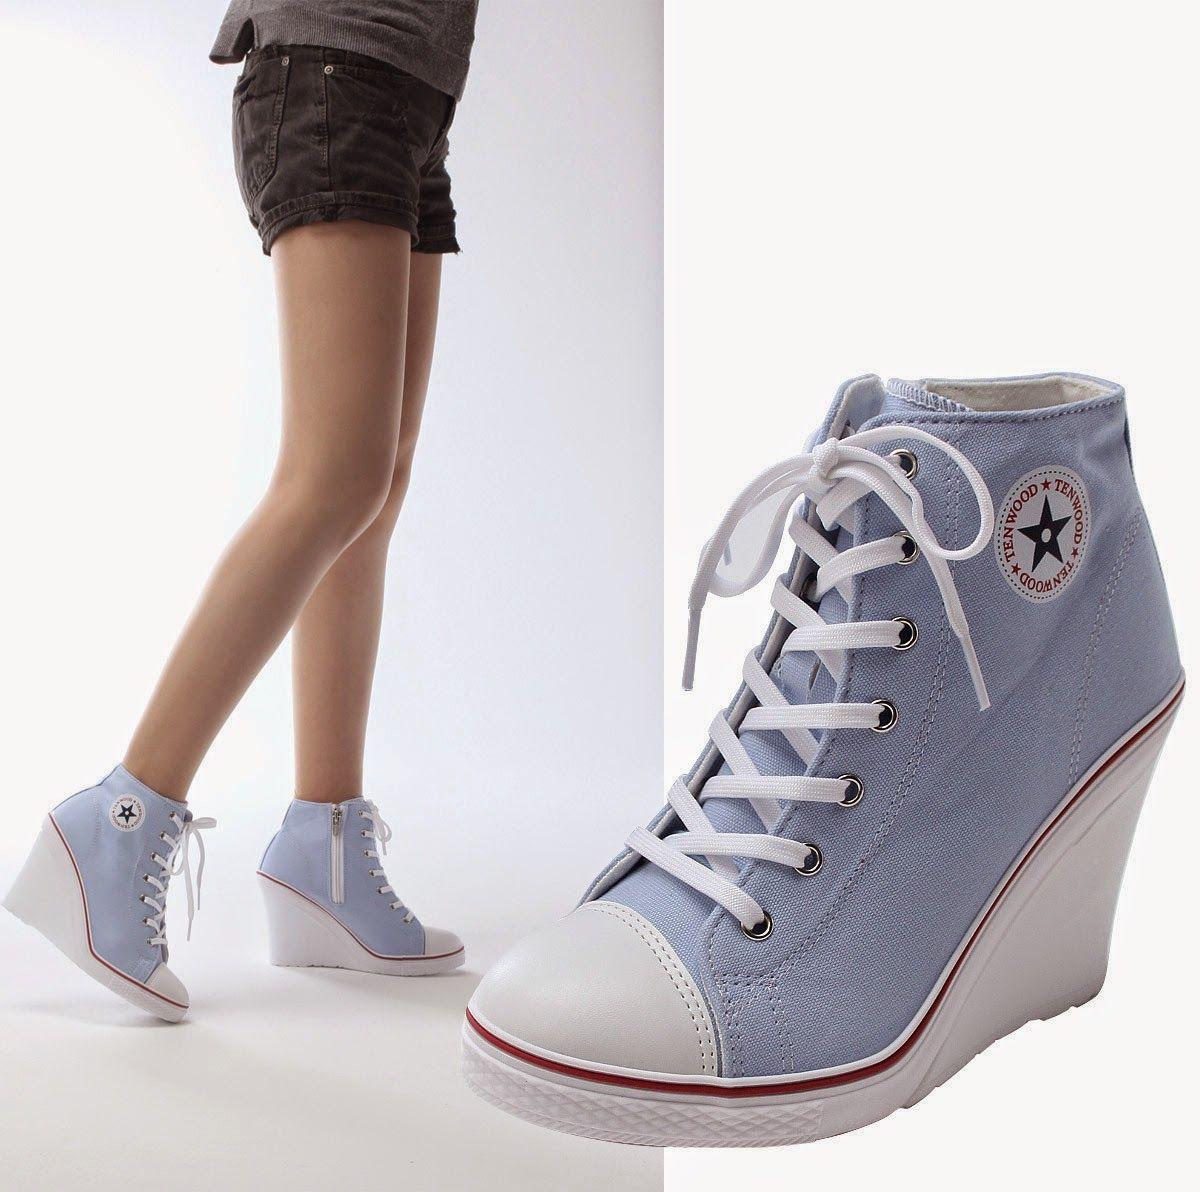 Bonito Zapatos De Lebron James Para Colorear Patrón - Dibujos Para ...